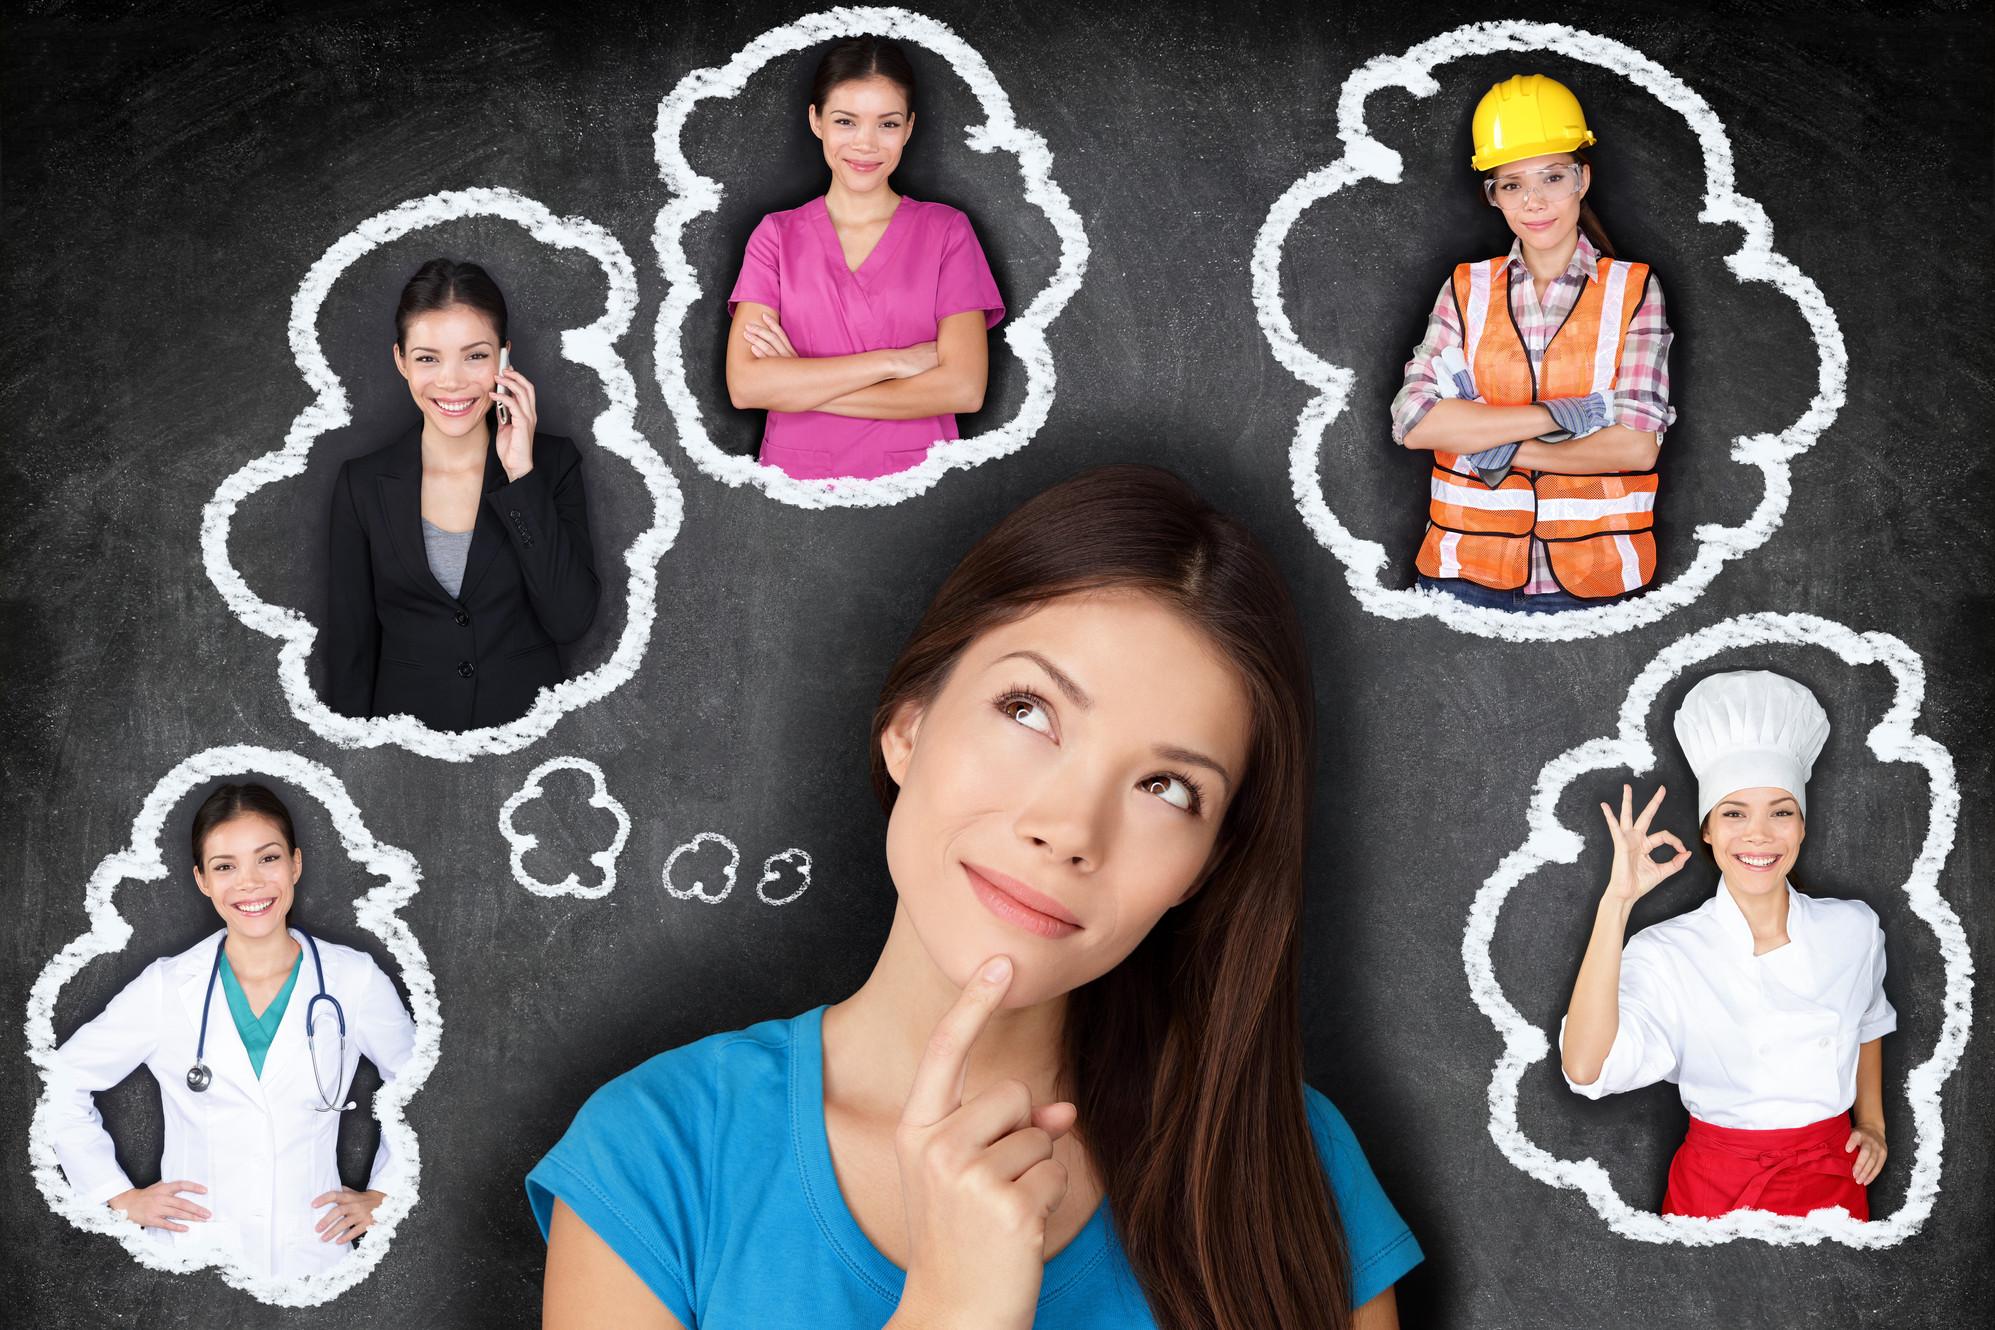 Картинки подросток и выбор профессии